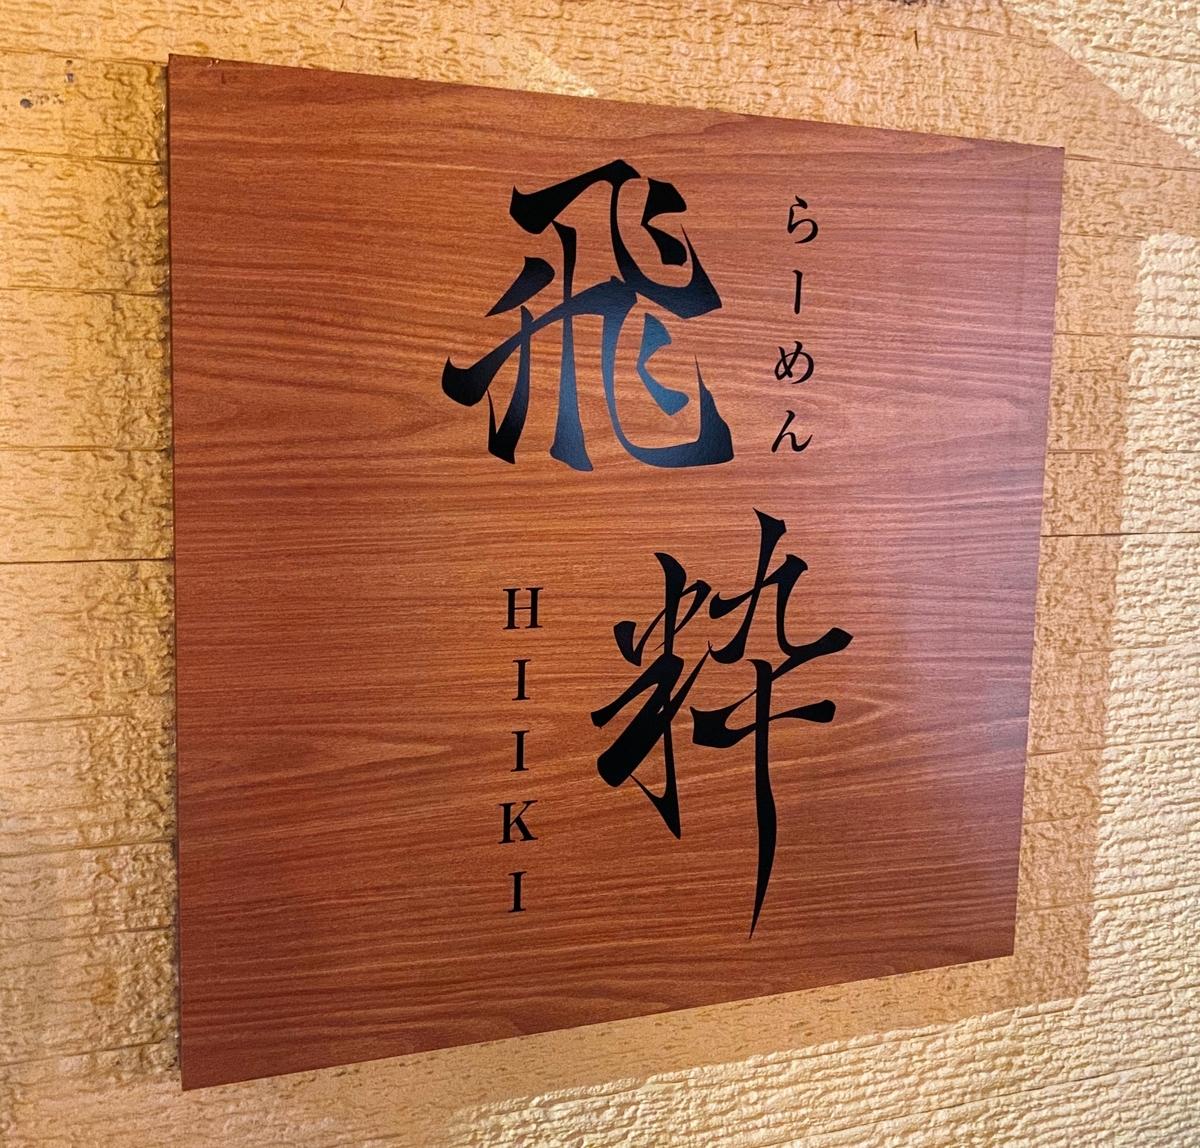 f:id:TakahiroIwata:20200531091551j:plain